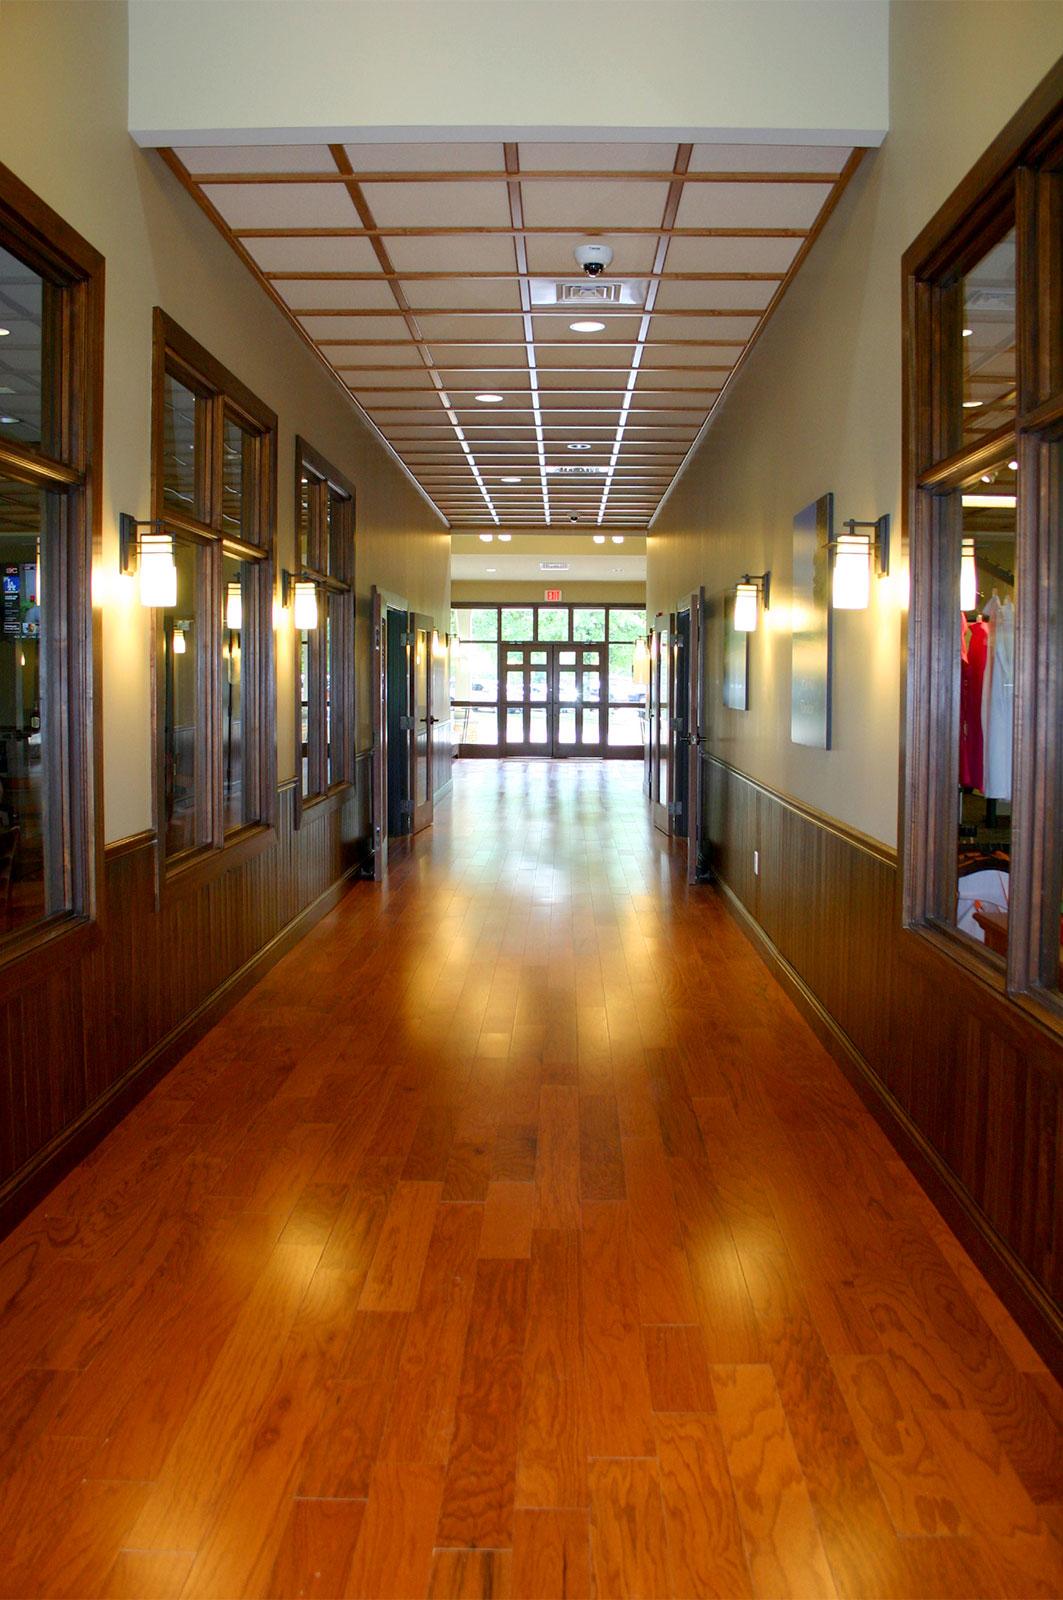 WOCC-DorchesterClubhouse_07.jpg